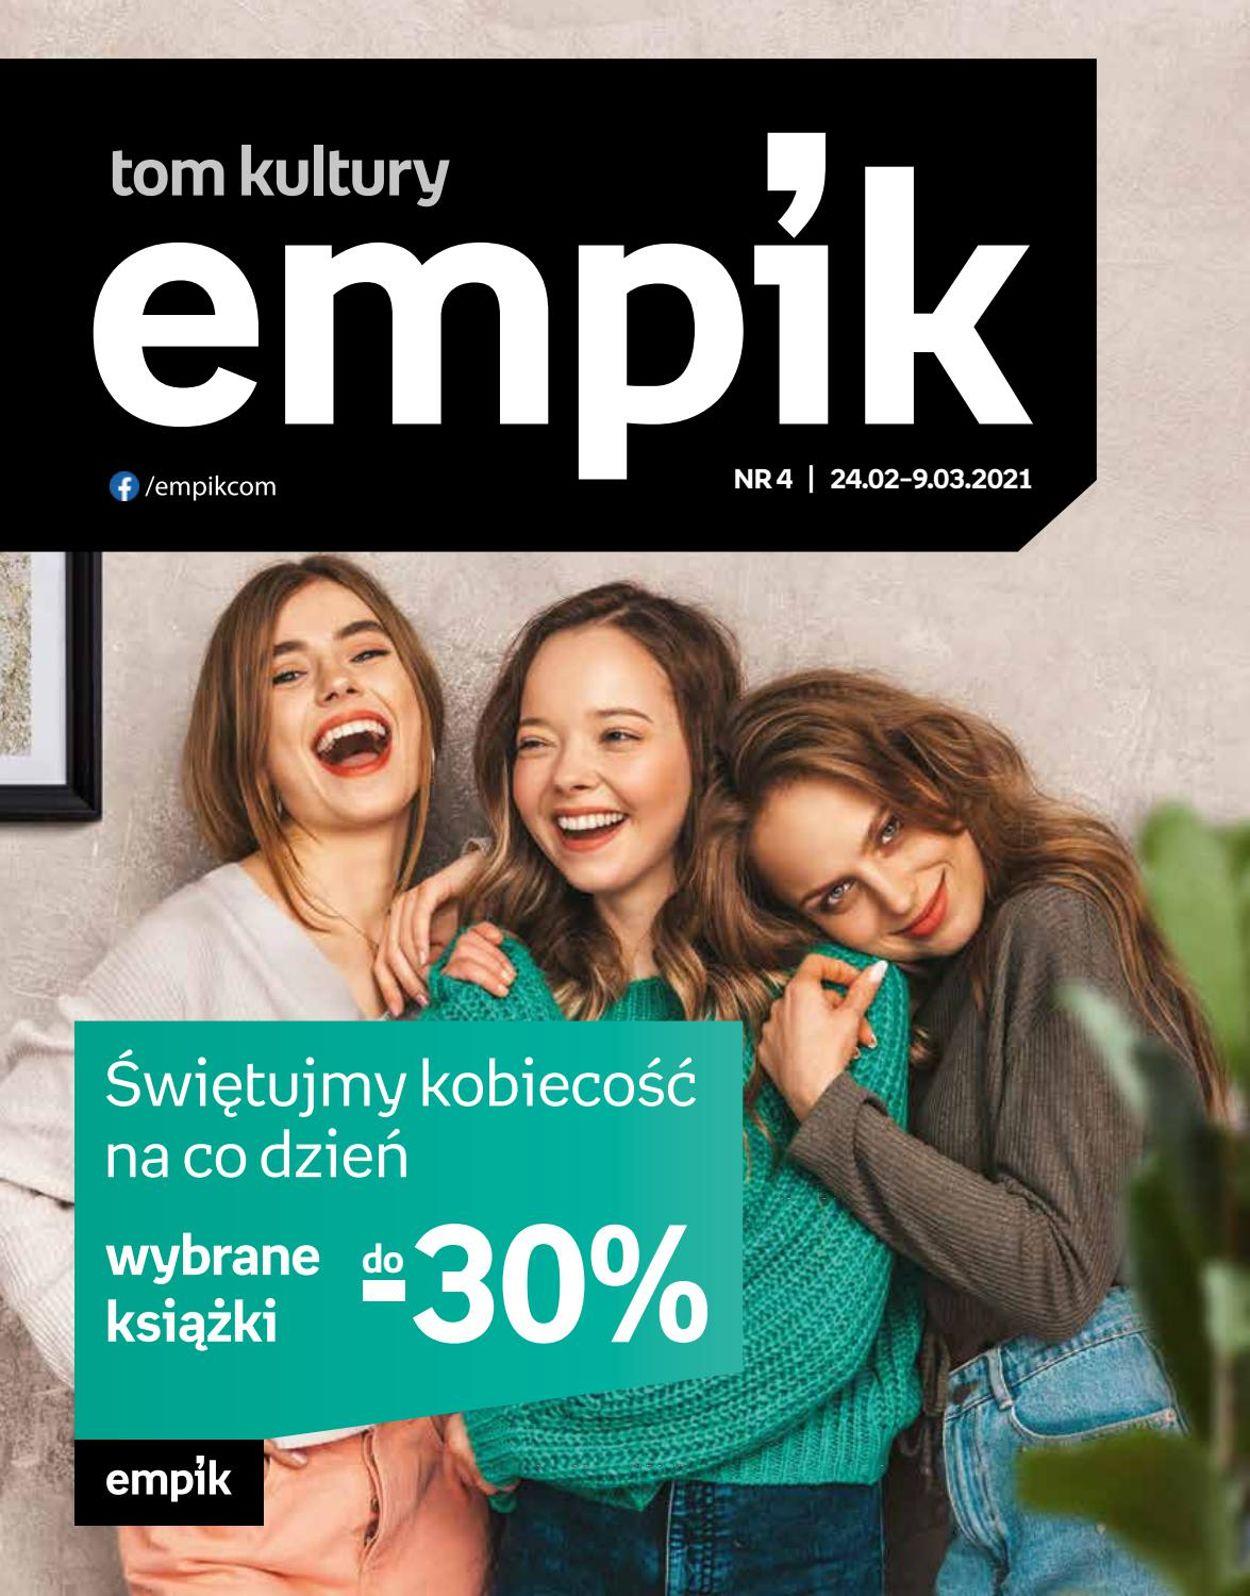 Gazetka promocyjna Empik Tom Kultury - 24.02-09.03.2021